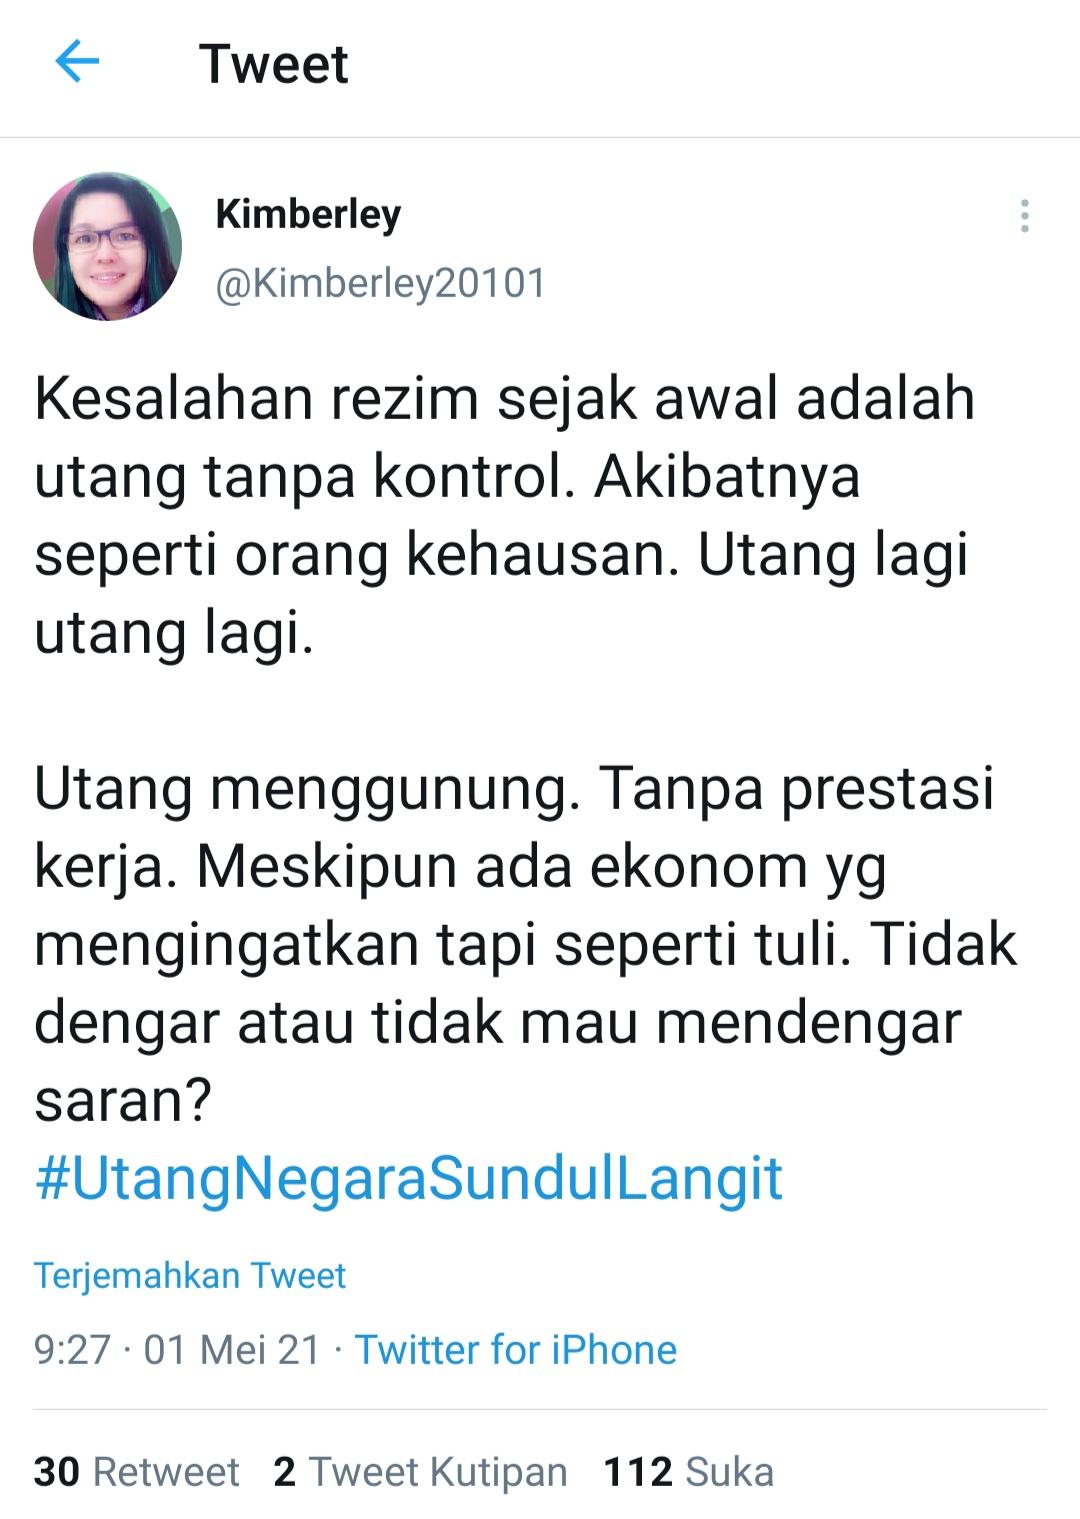 Utang-Negara-Sundul-Langit-Trending-Netizen-Sindir-Jokowi-Utang-Menggunung-Tanpa-Prestasi-Kerja-Bego-to-the-Max